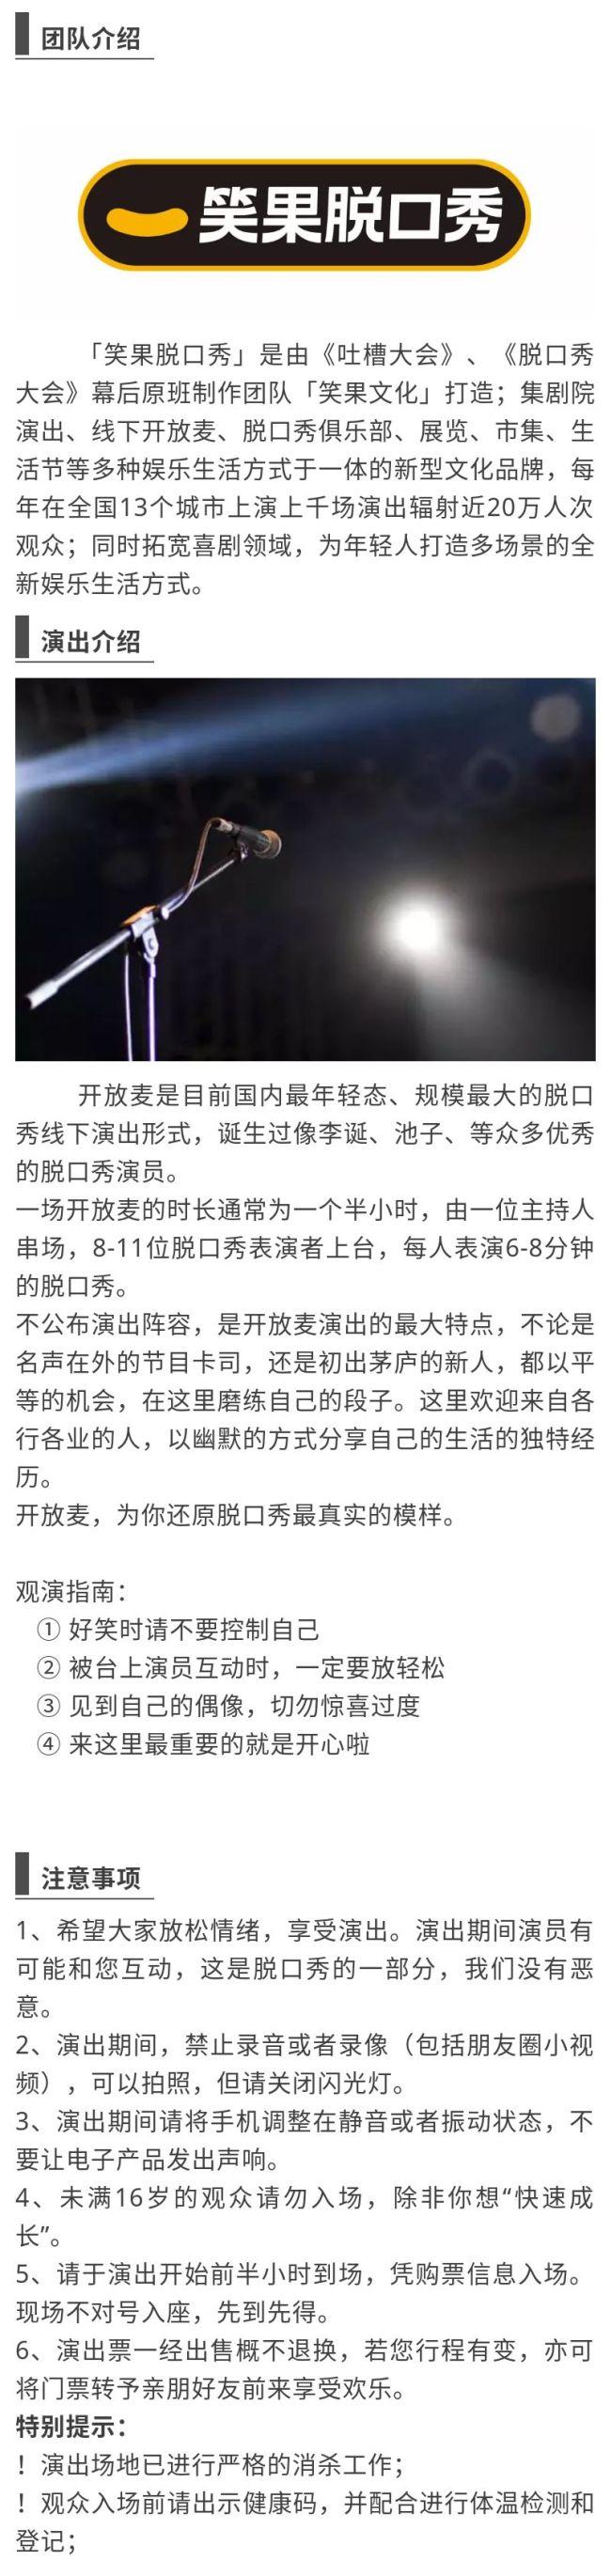 深圳笑果脱口秀周四开放麦@阳光pub演出详情一览(附购票入口)